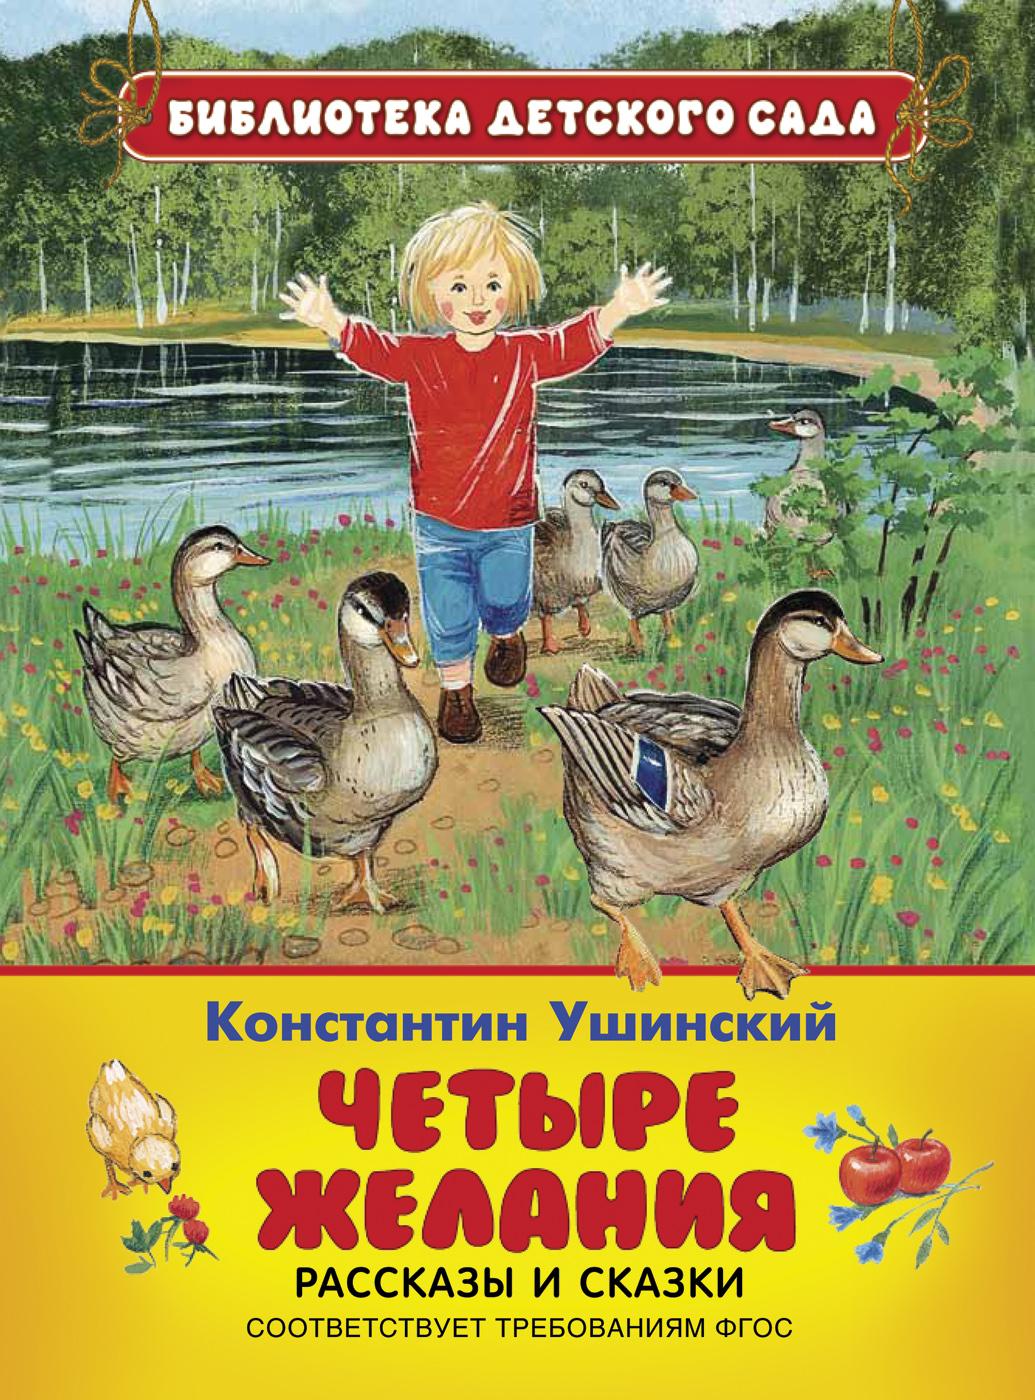 Ушинский К. Д. Ушинский К. Четыре желания. Рассказы и сказки(БДС)